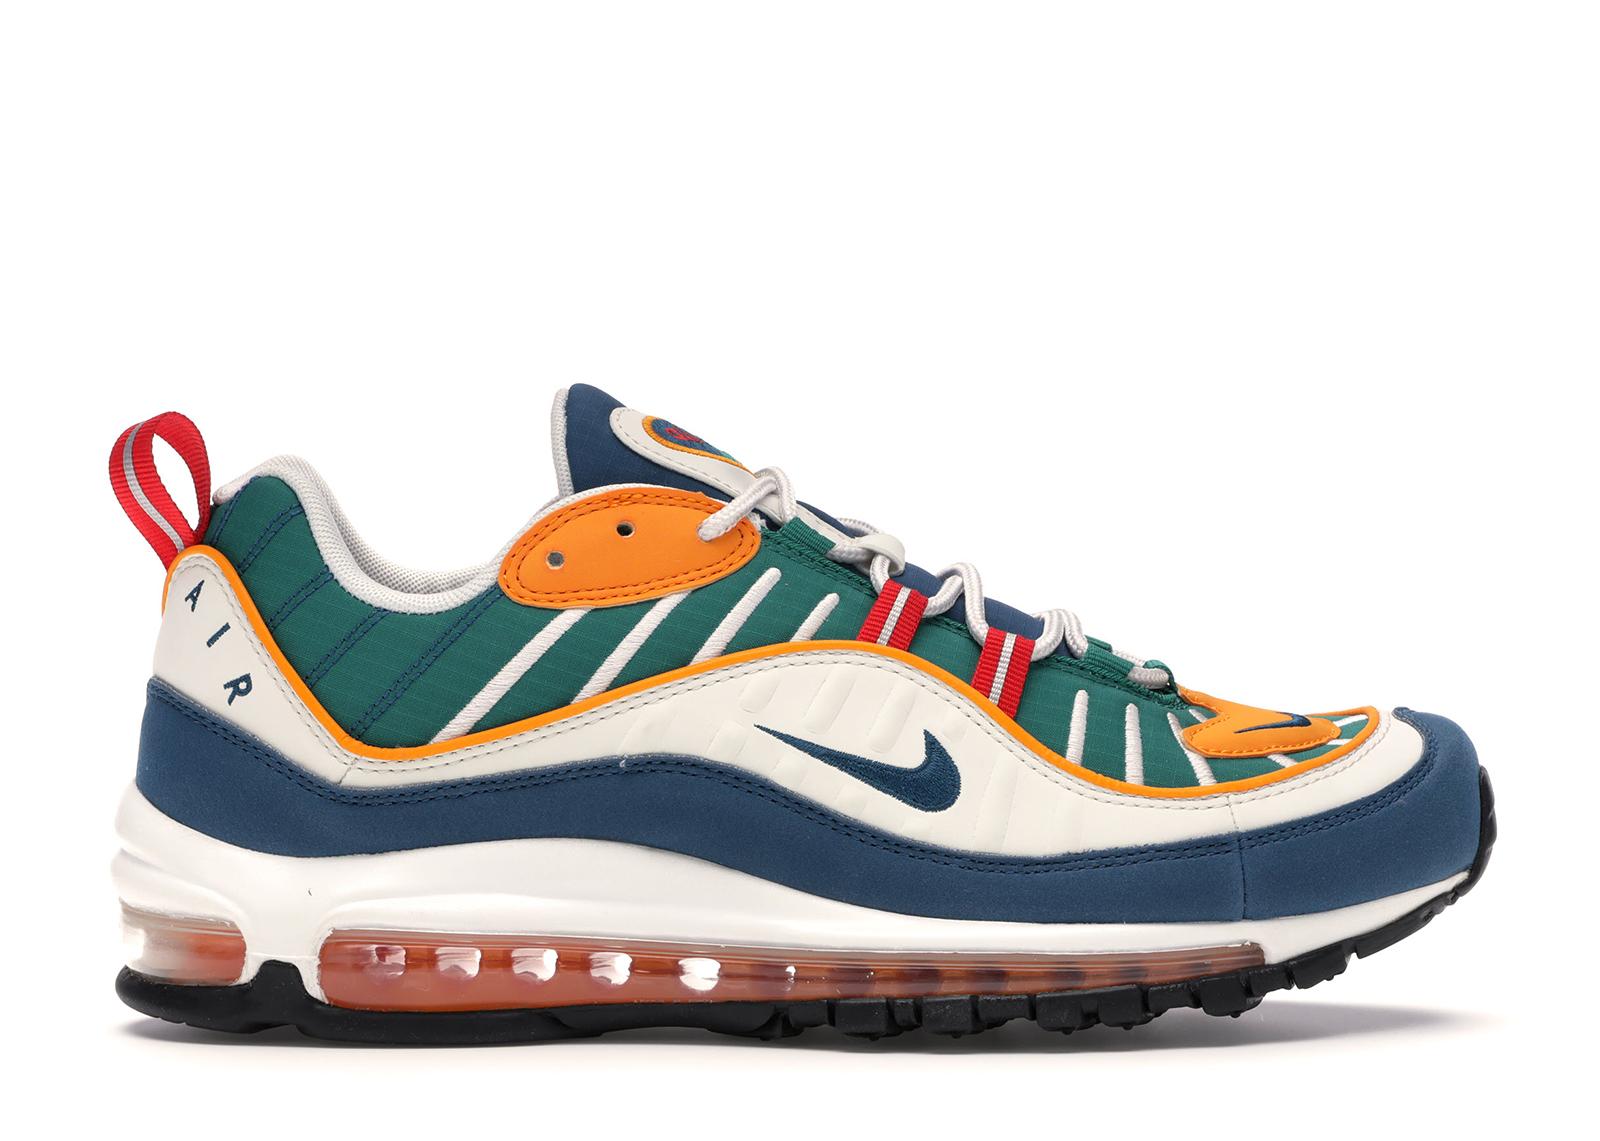 Nike Air Max 98 Multi-Color (W) - AH6799-601